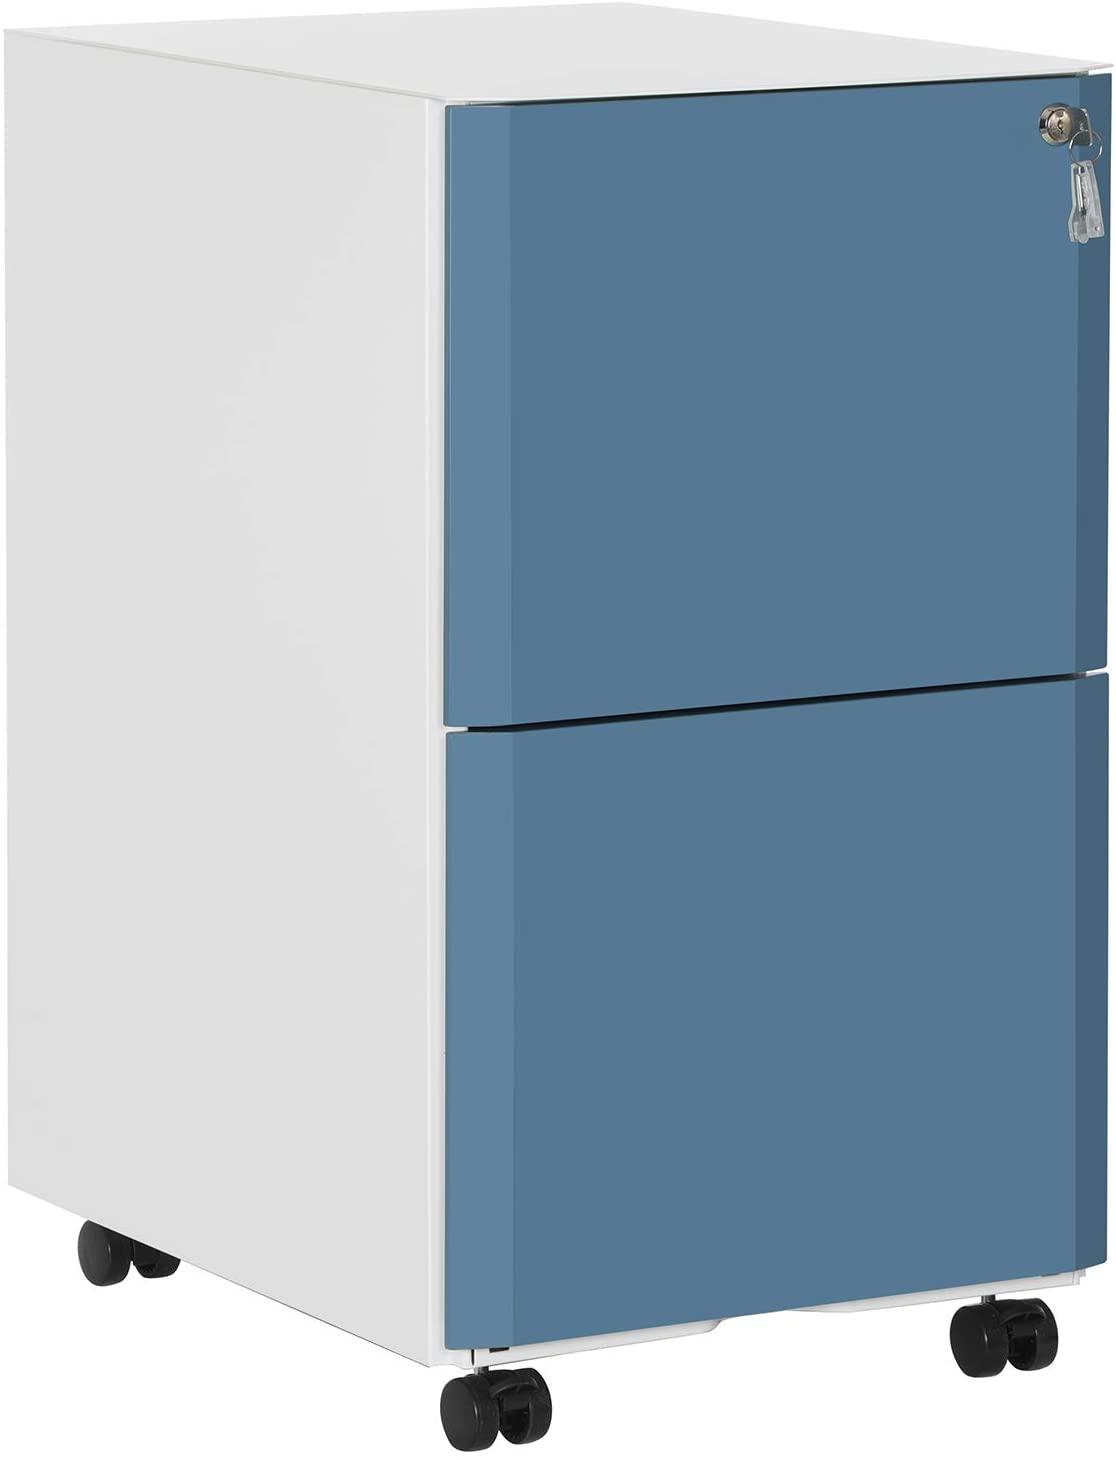 Rongomic Pojízdný kancelářský kontejner Mesa bílo-modrý